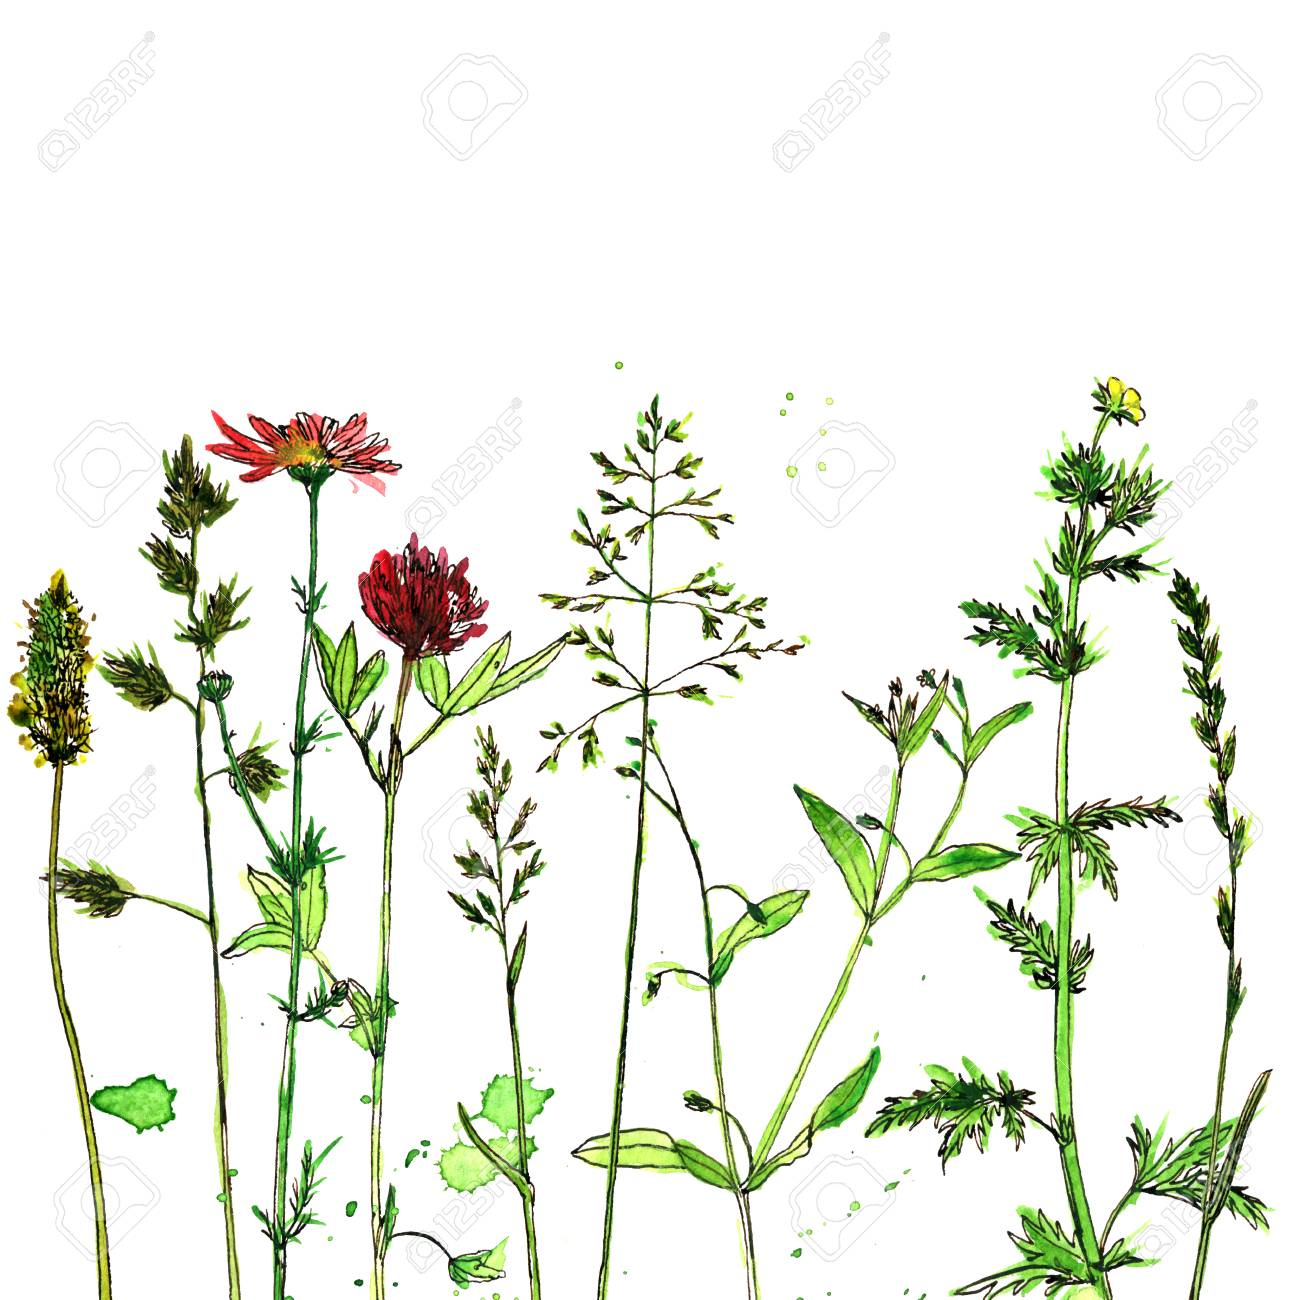 Banque d\u0027images , Fond avec aquarelle et dessin à l\u0027encre fleurs sauvages  et herbes, plantes de champ peintes, composition florale de couleur,